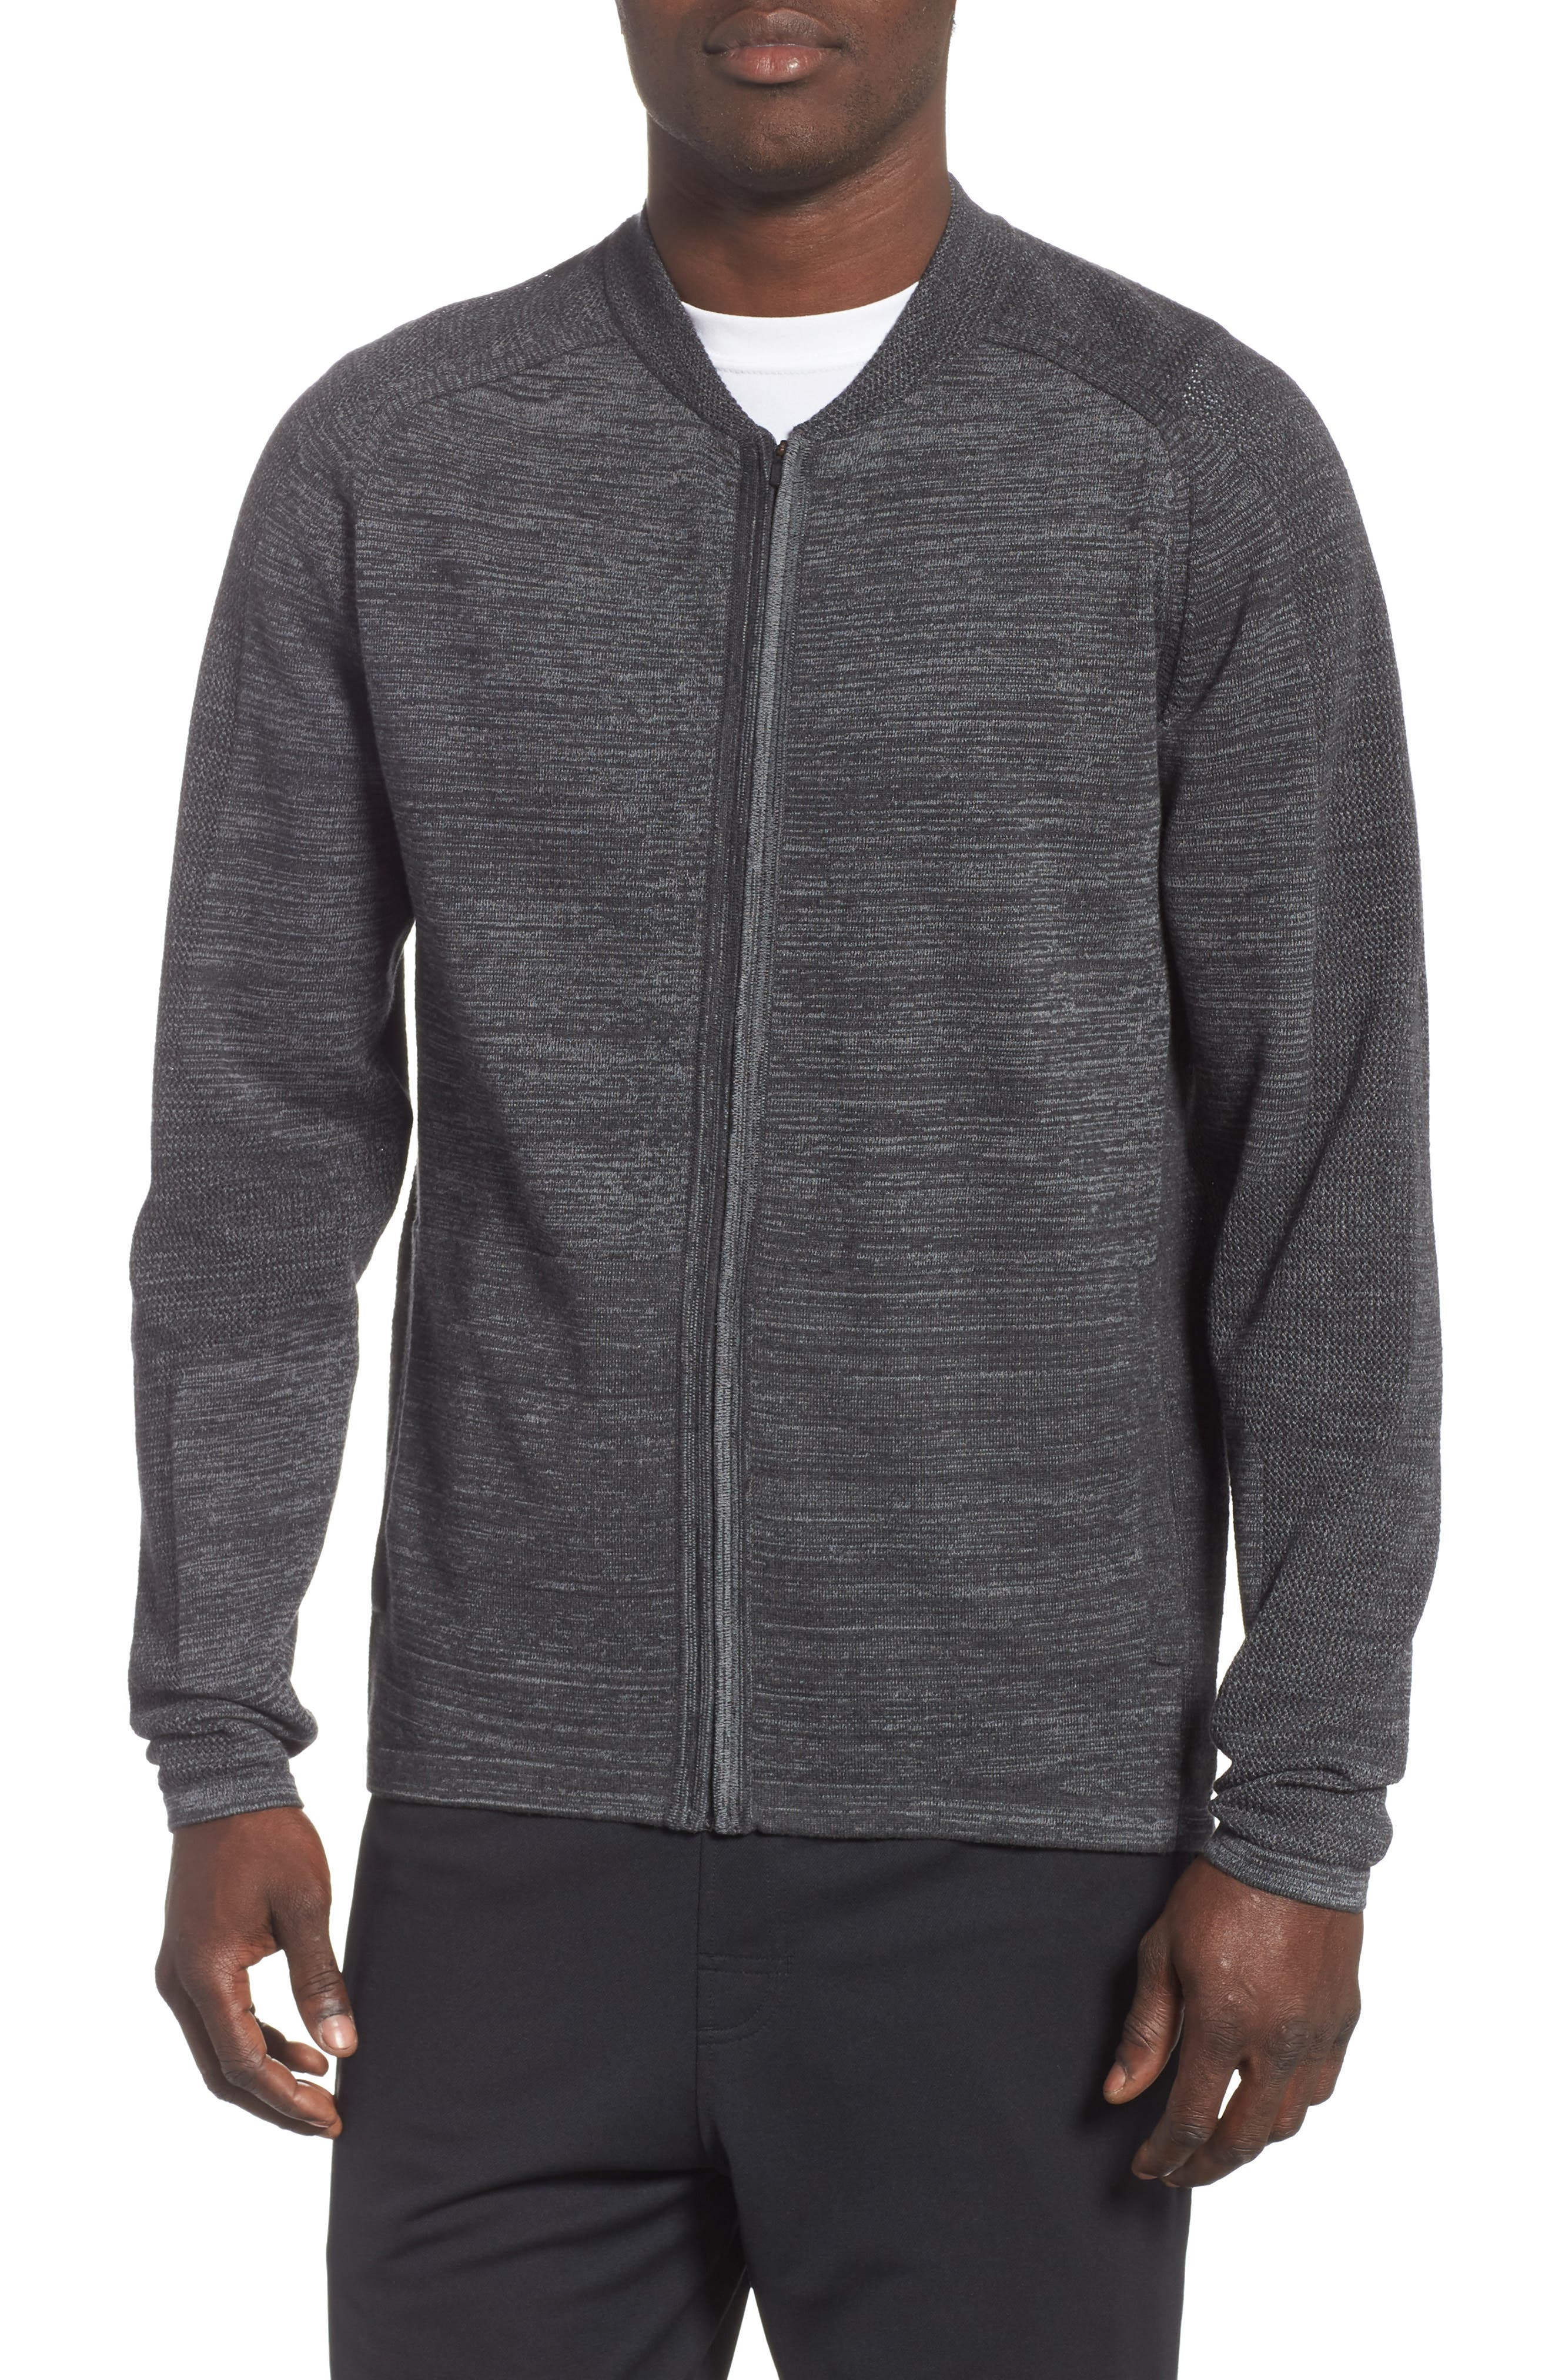 Tech Sweater Baseball Jacket,                         Main,                         color, BLACK OXIDE SPACEDYE